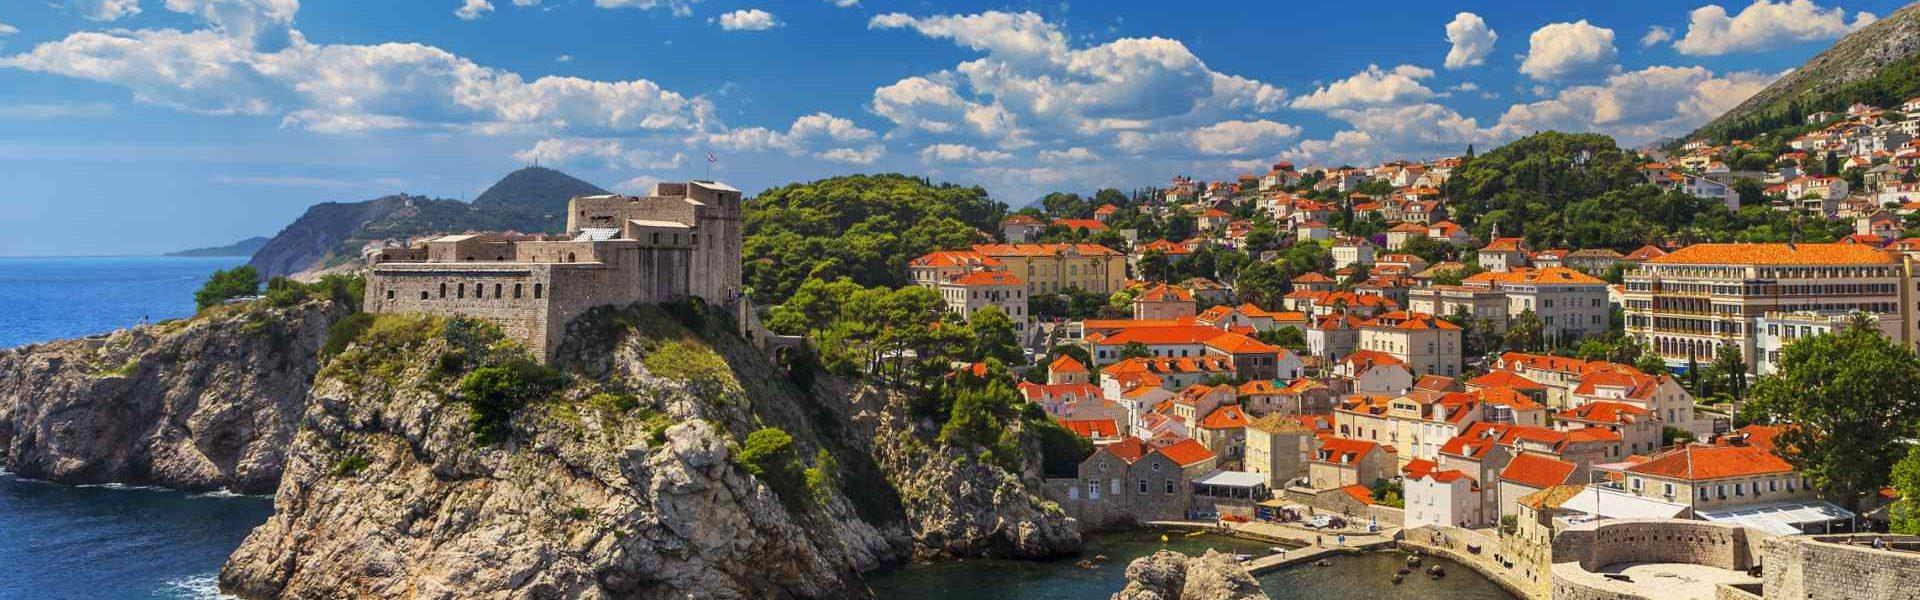 South Dalmatia.